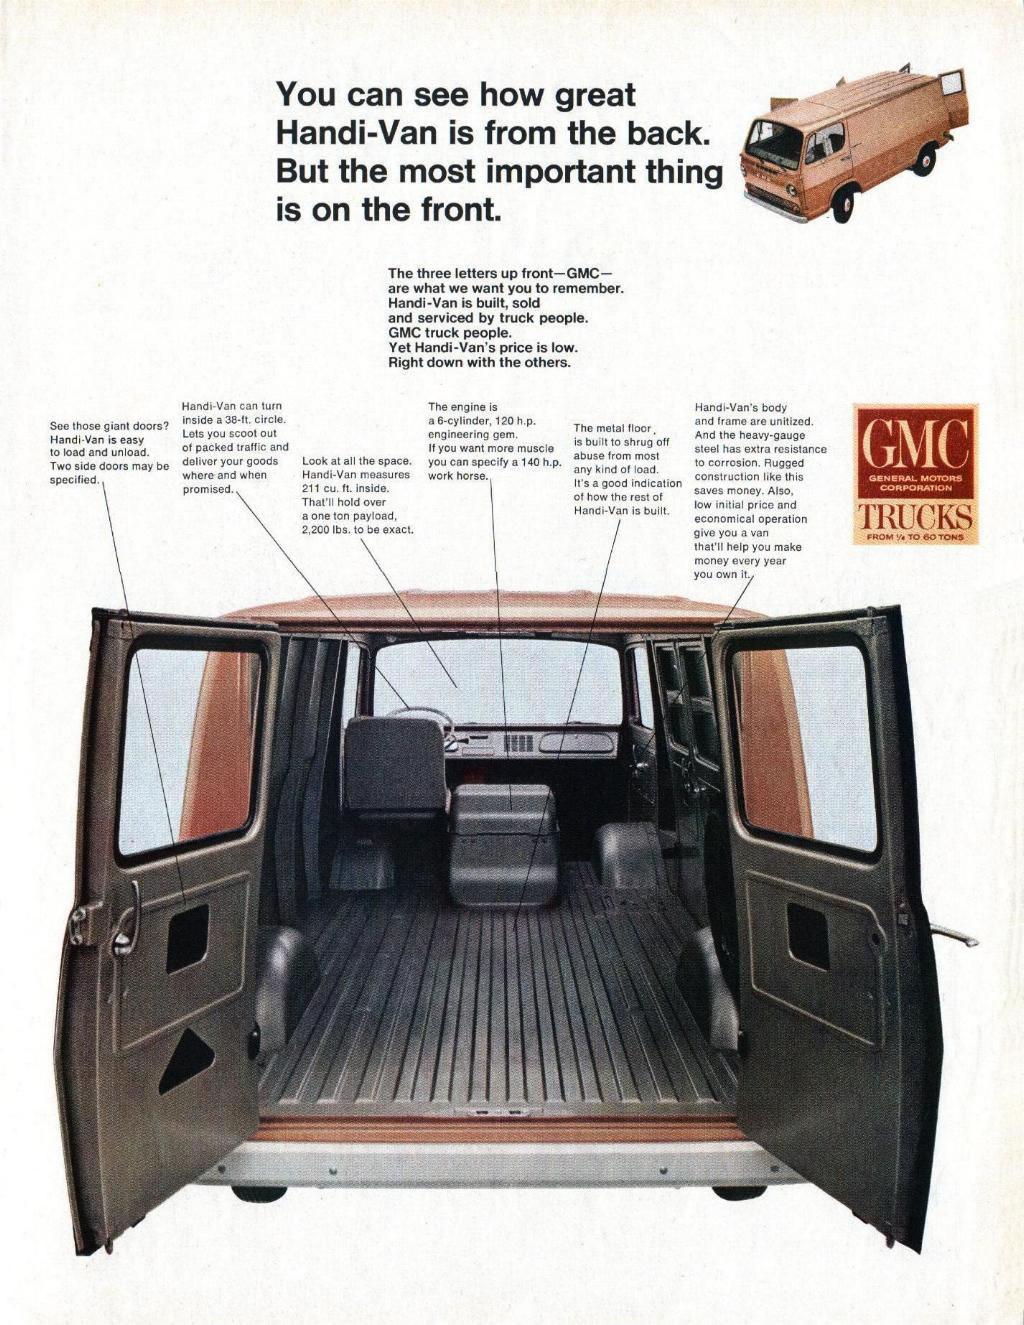 Gmc Period Pictures And Advertisements Handi Van 65 1 Jpg